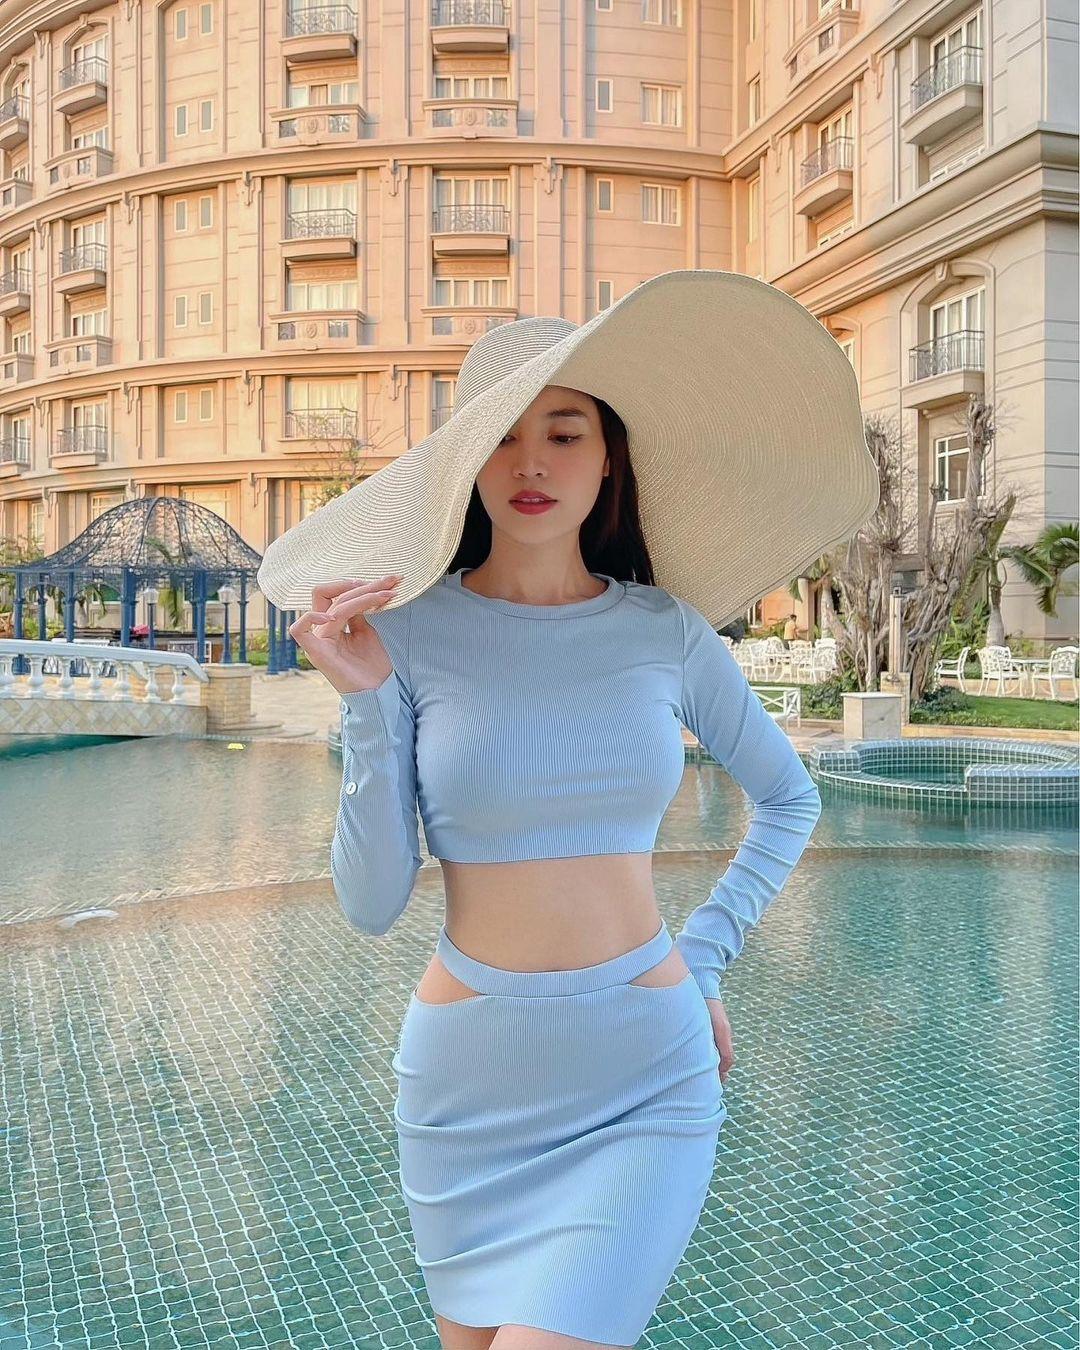 Đồ local brand sao Việt vừa diện: Toàn món rẻ đẹp chỉ từ 260k, bất ngờ nhất là váy sexy giá chưa đến 400k của Lan Ngọc - Ảnh 2.